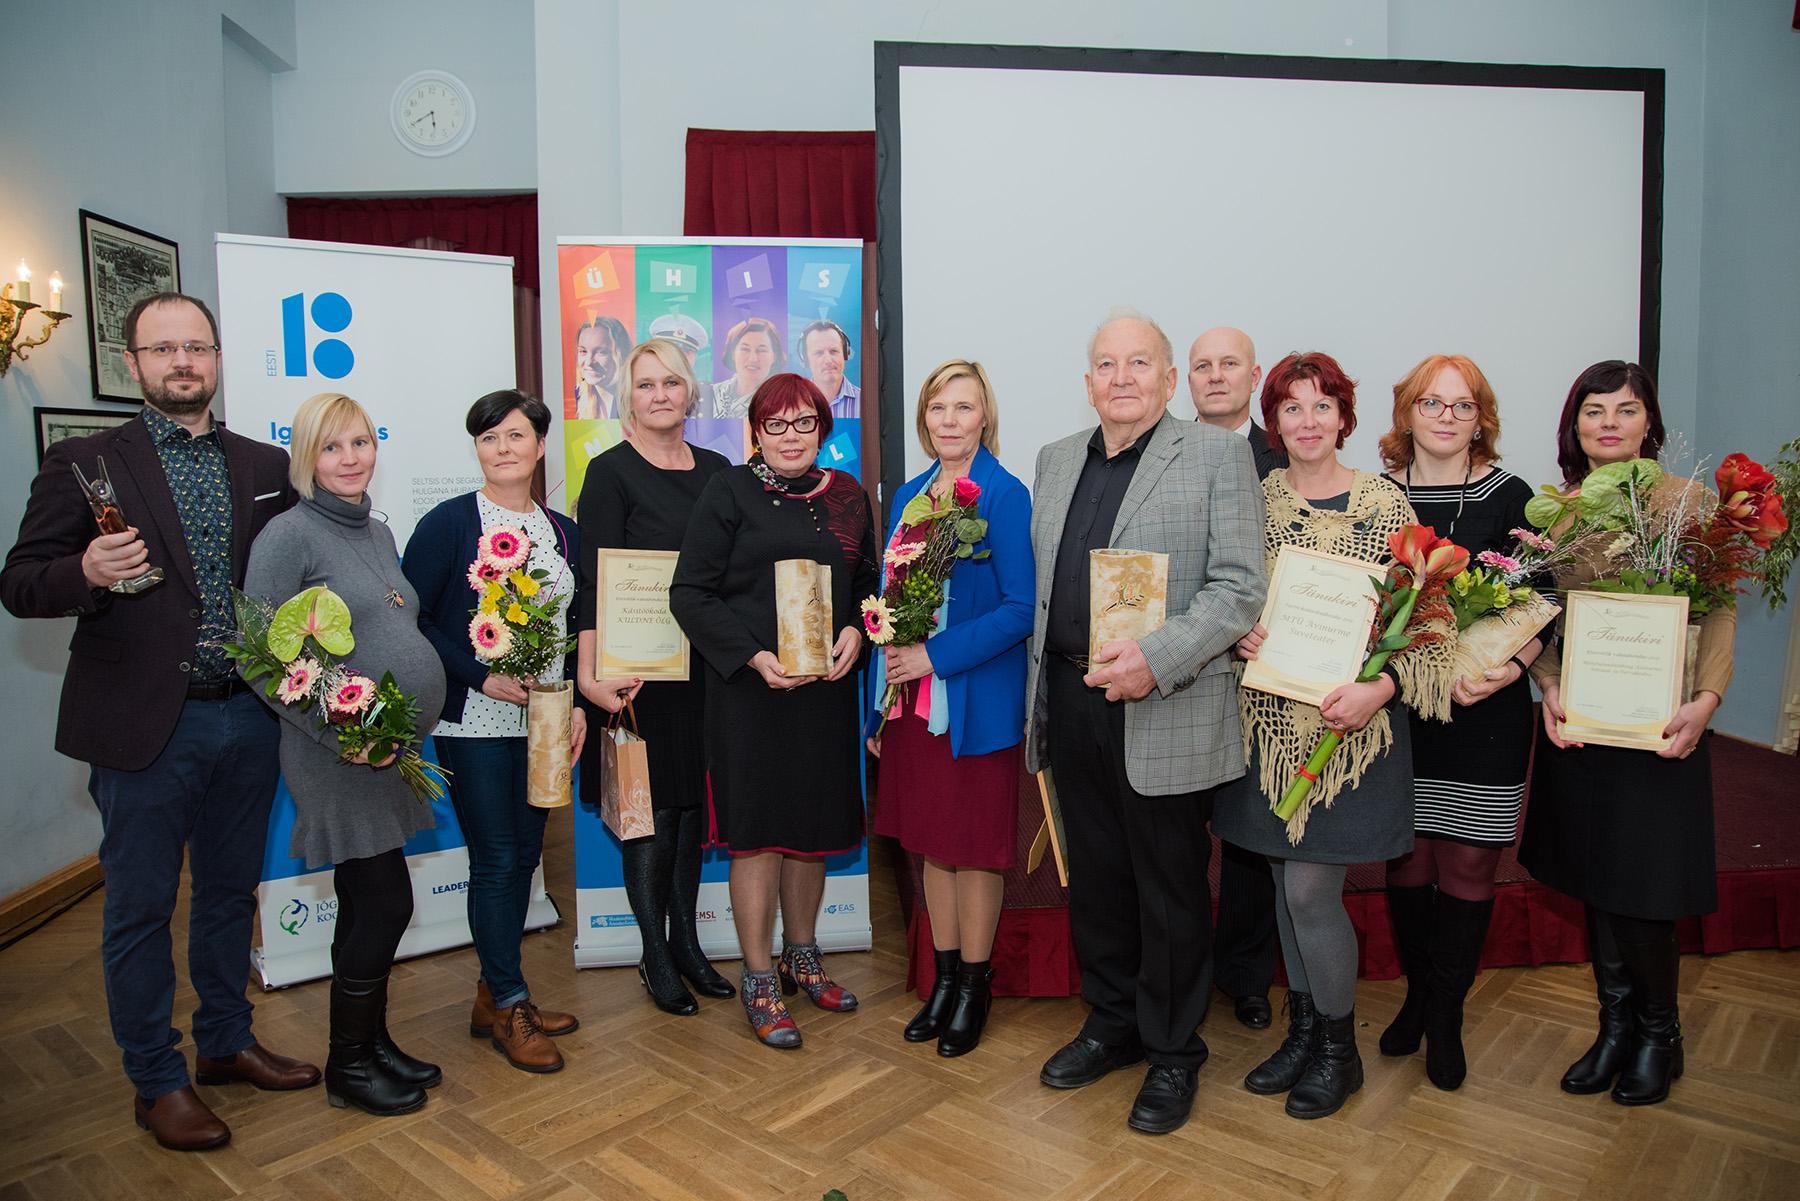 Jõgevamaa parimate Kodanikuühenduste eestvedajad Kuremaa lossis. Foto Liina Laurikainen